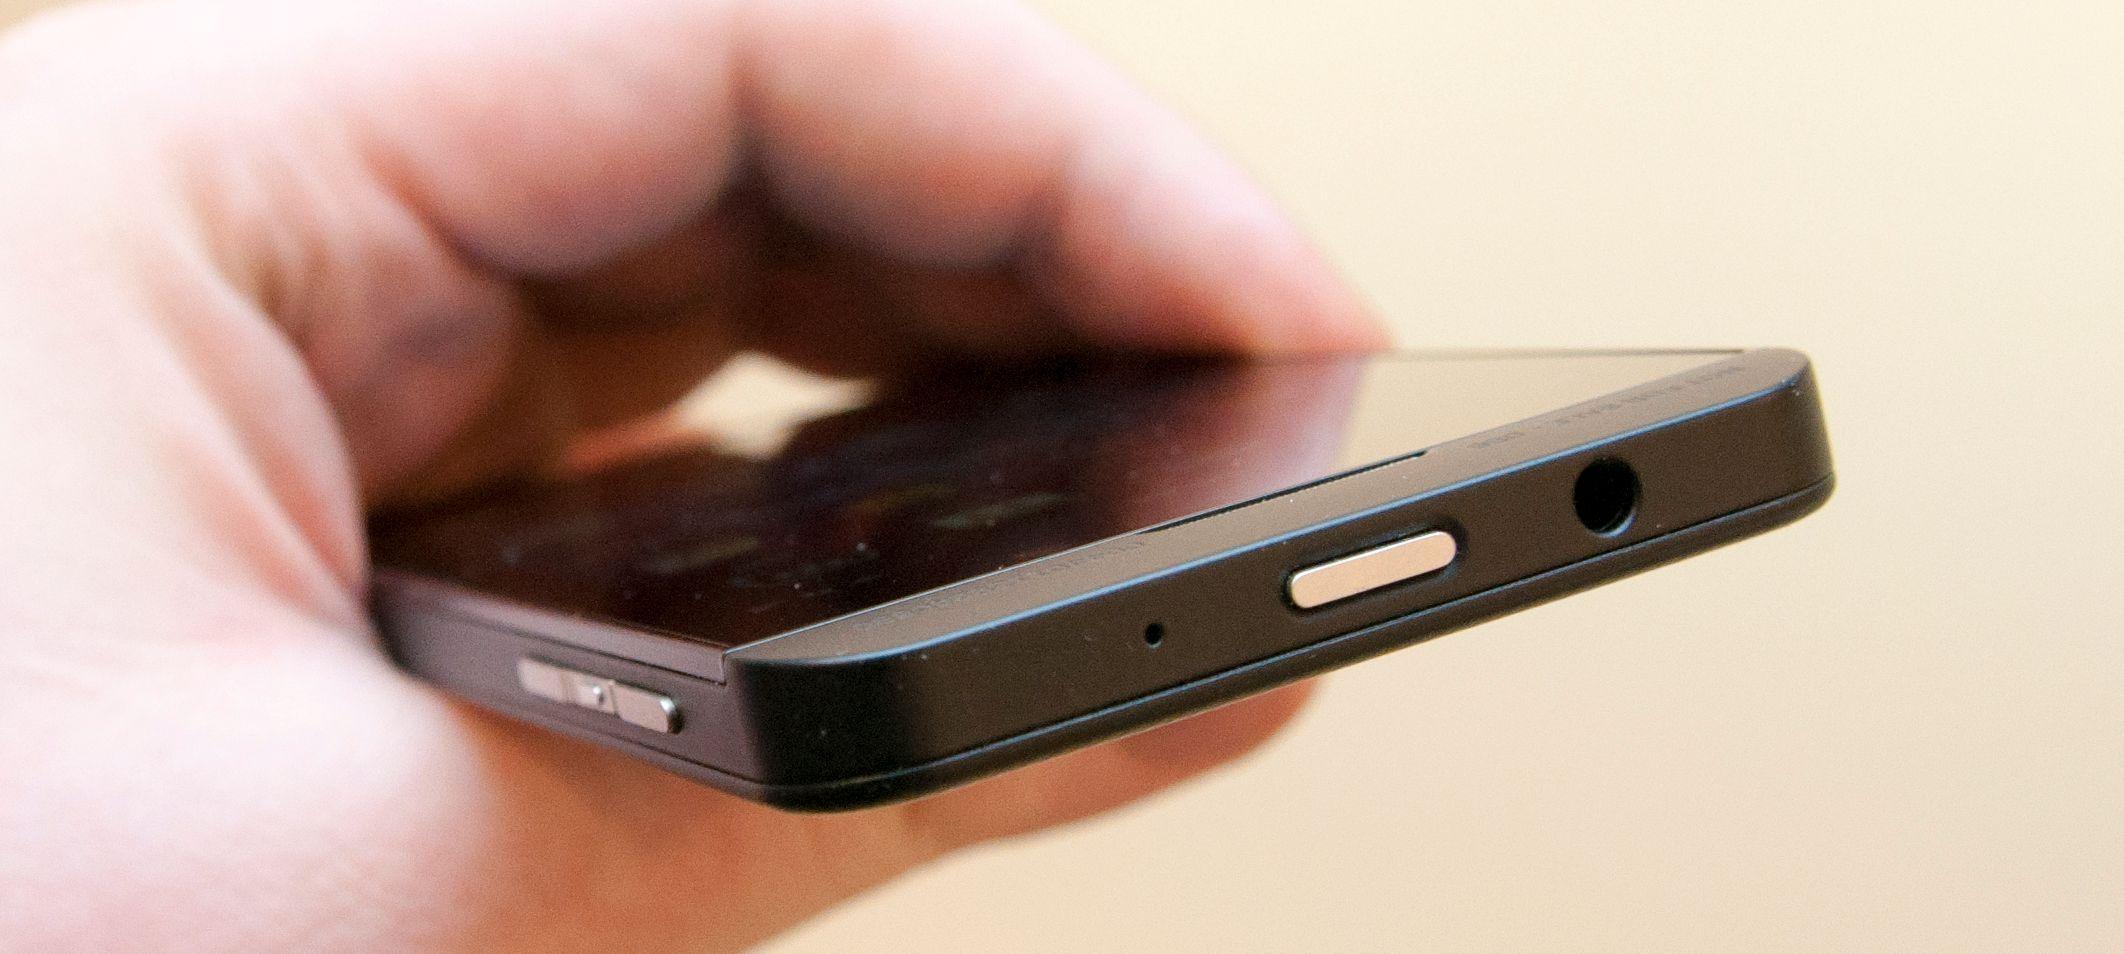 BlackBerry Z10 har en design som antagelig vil tiltale de fleste.Foto: Finn Jarle Kvalheim, Amobil.no